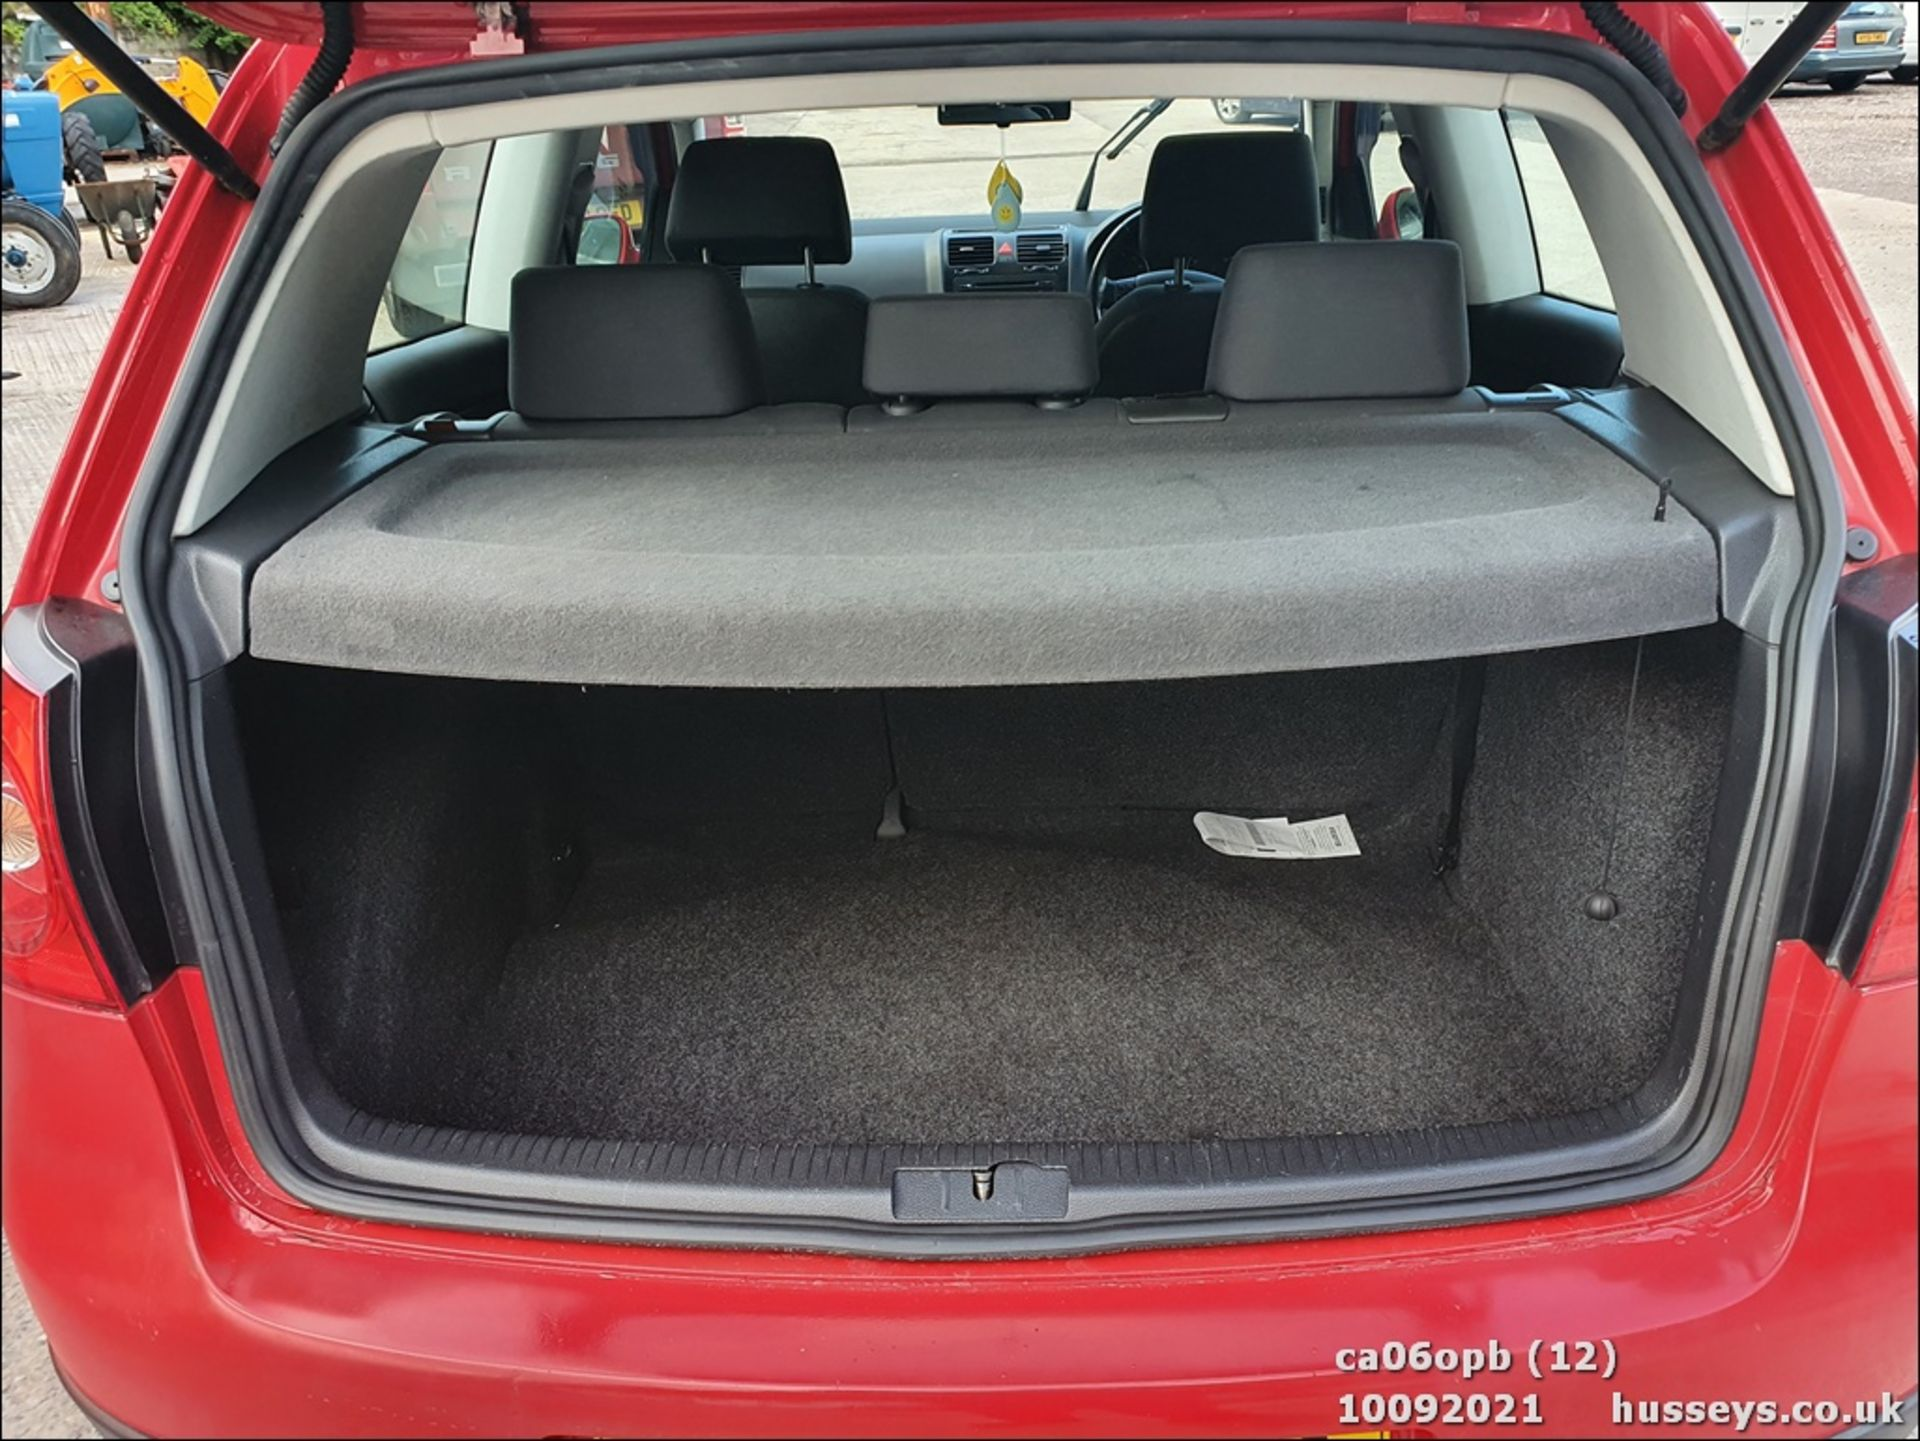 06/06 VOLKSWAGEN GOLF S - 1390cc 3dr Hatchback (Red, 131k) - Image 12 of 18